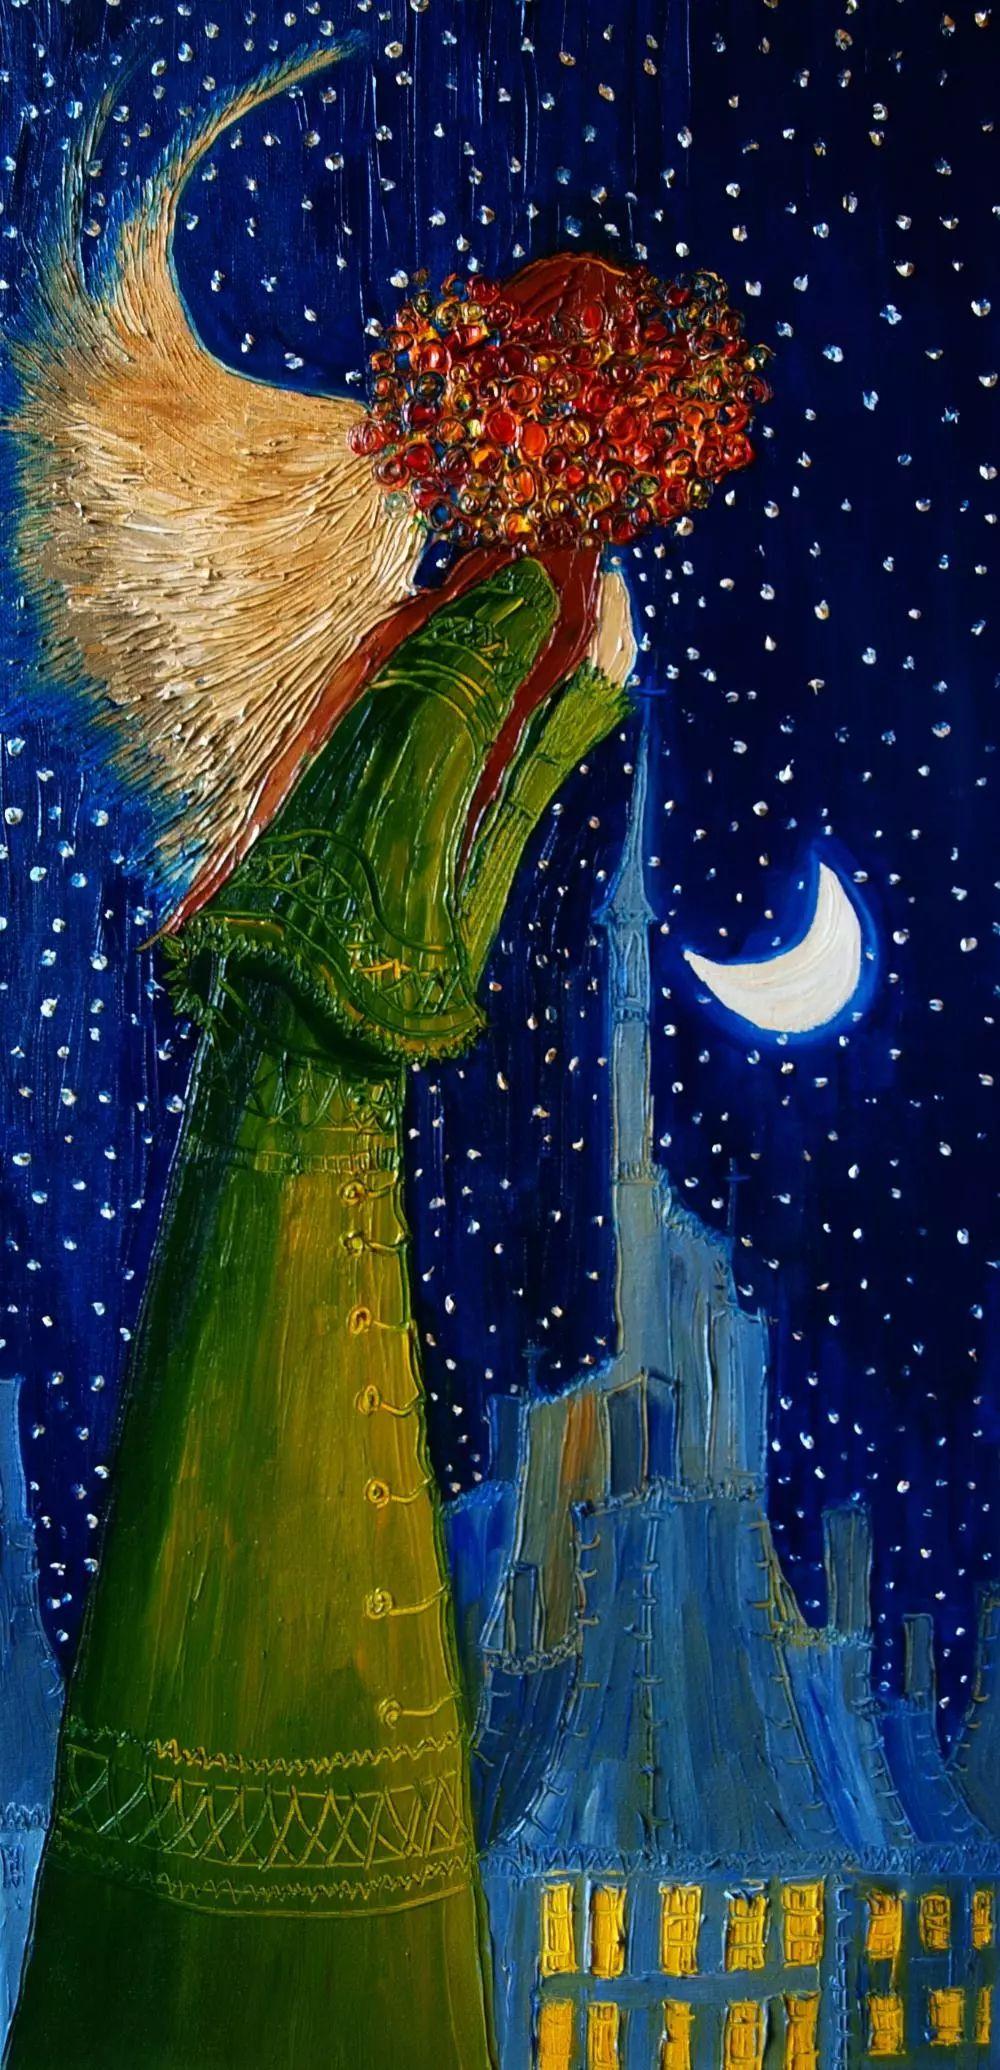 威尼斯、夜晚、猫 | 波兰Justyna Kopania插图22